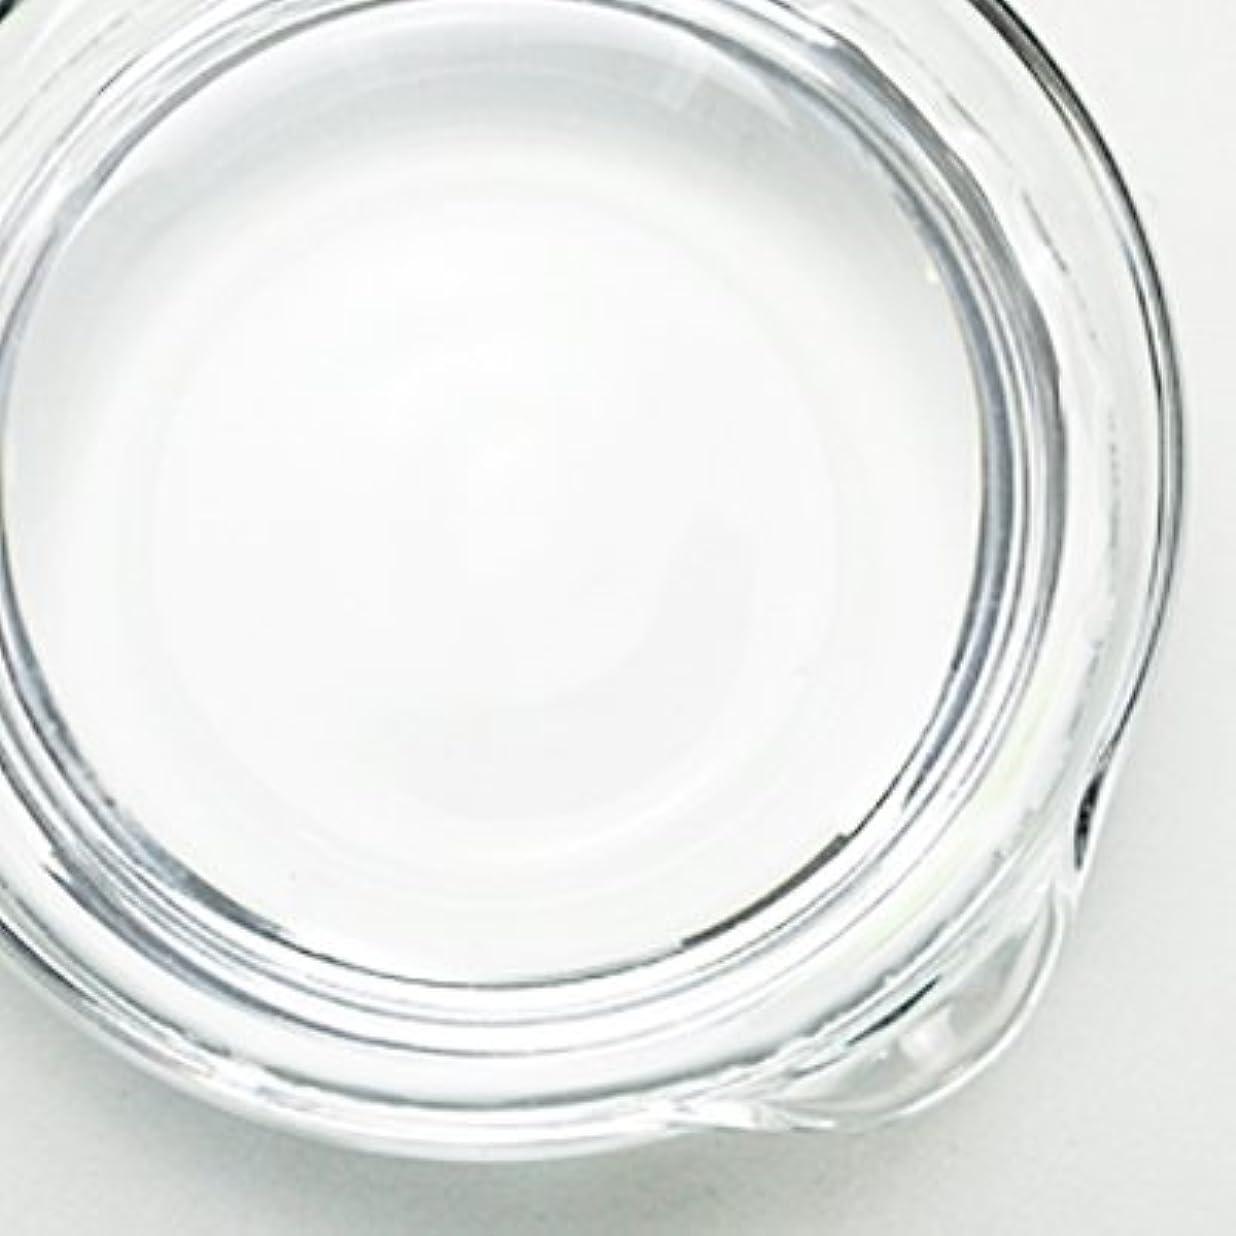 衝突するリビングルーム制限された1,3-ブチレングリコール[BG] 100ml 【手作り石鹸/手作りコスメ】